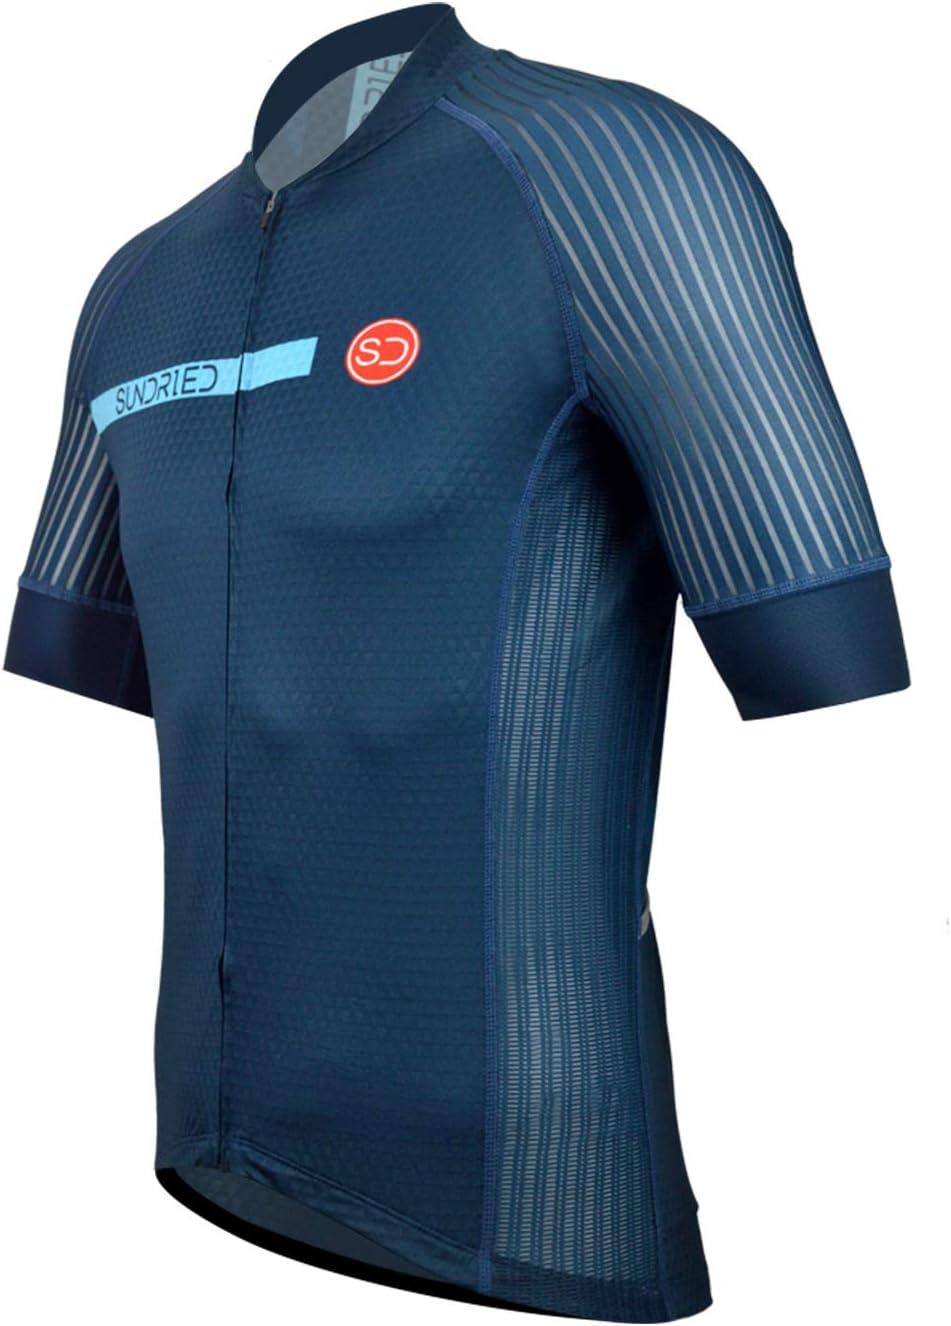 Sundried Mens Pro Short Sleeve Cycling Jersey Bike Shirt Cycle Wear For Road Bike Mountain Bike